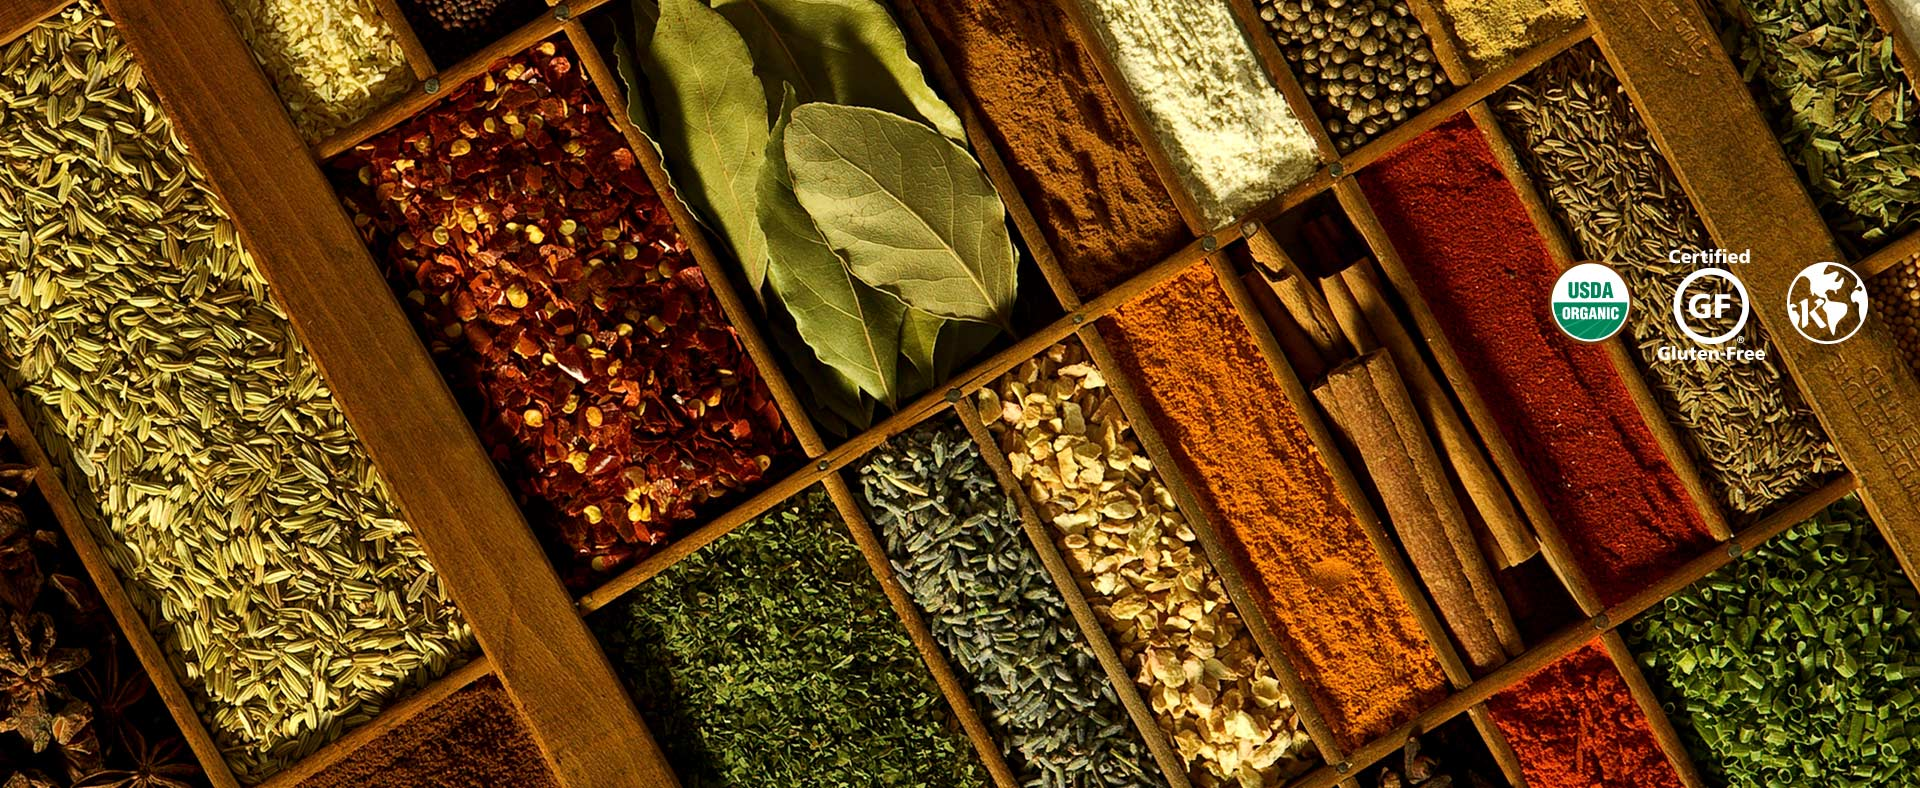 Premium Organic Spices